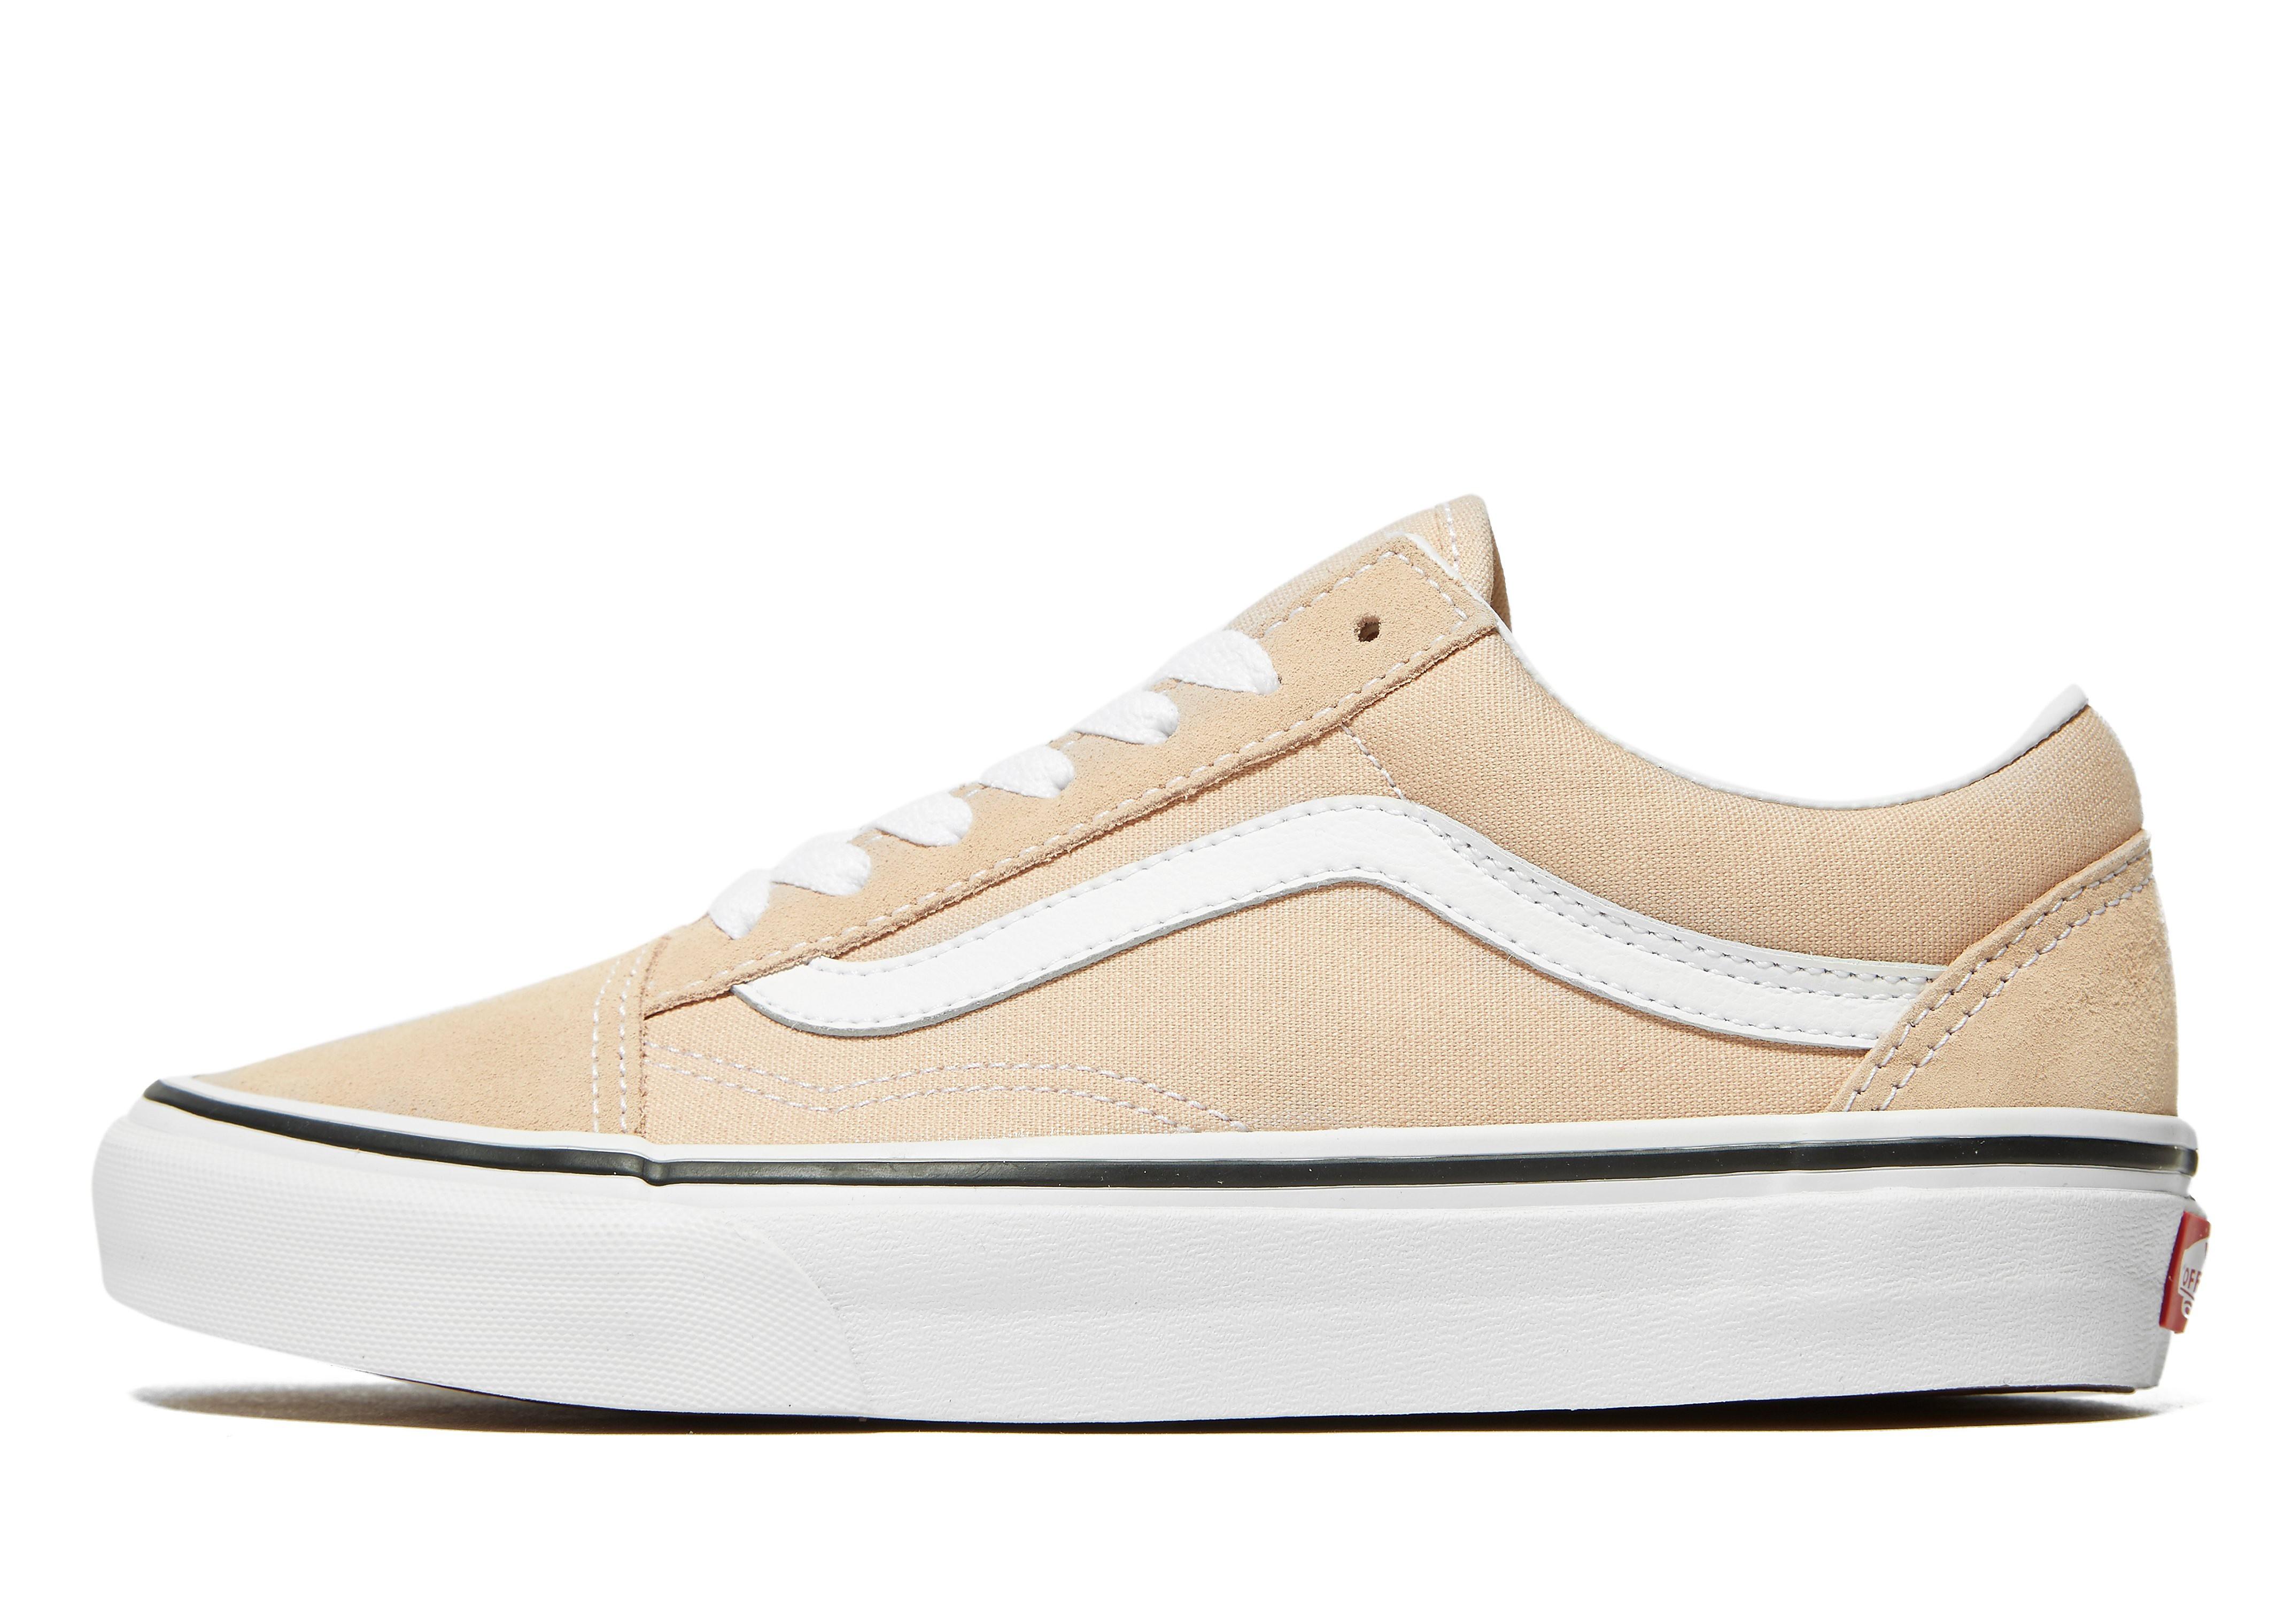 Vans Old Skool Dames - Frappe/White - Dames